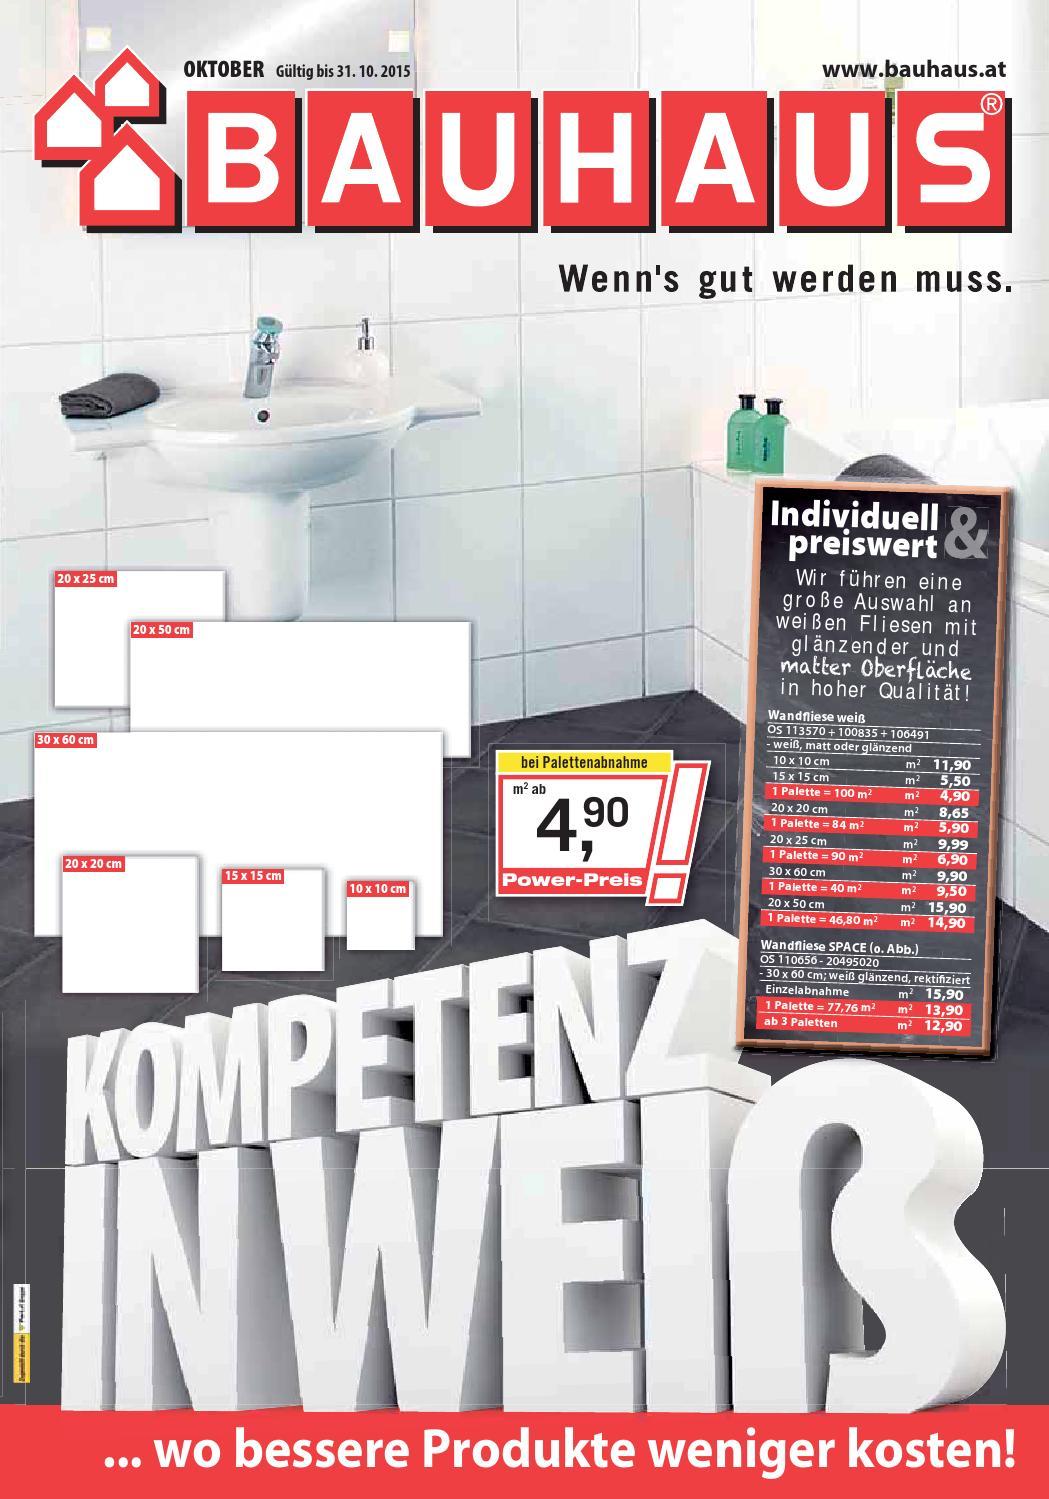 Bauhaus Angebote 2 31oktober2015 By Promoangeboteat Issuu